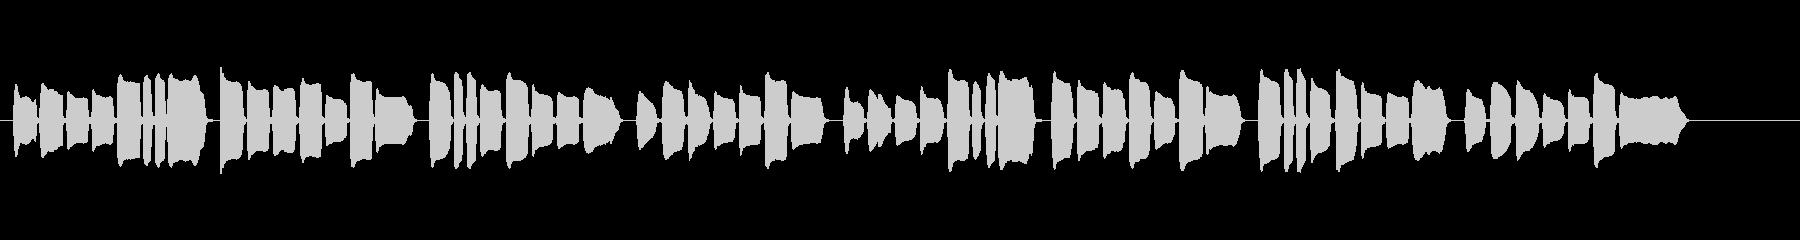 童謡「七夕さま」 リコーダー ソロの未再生の波形